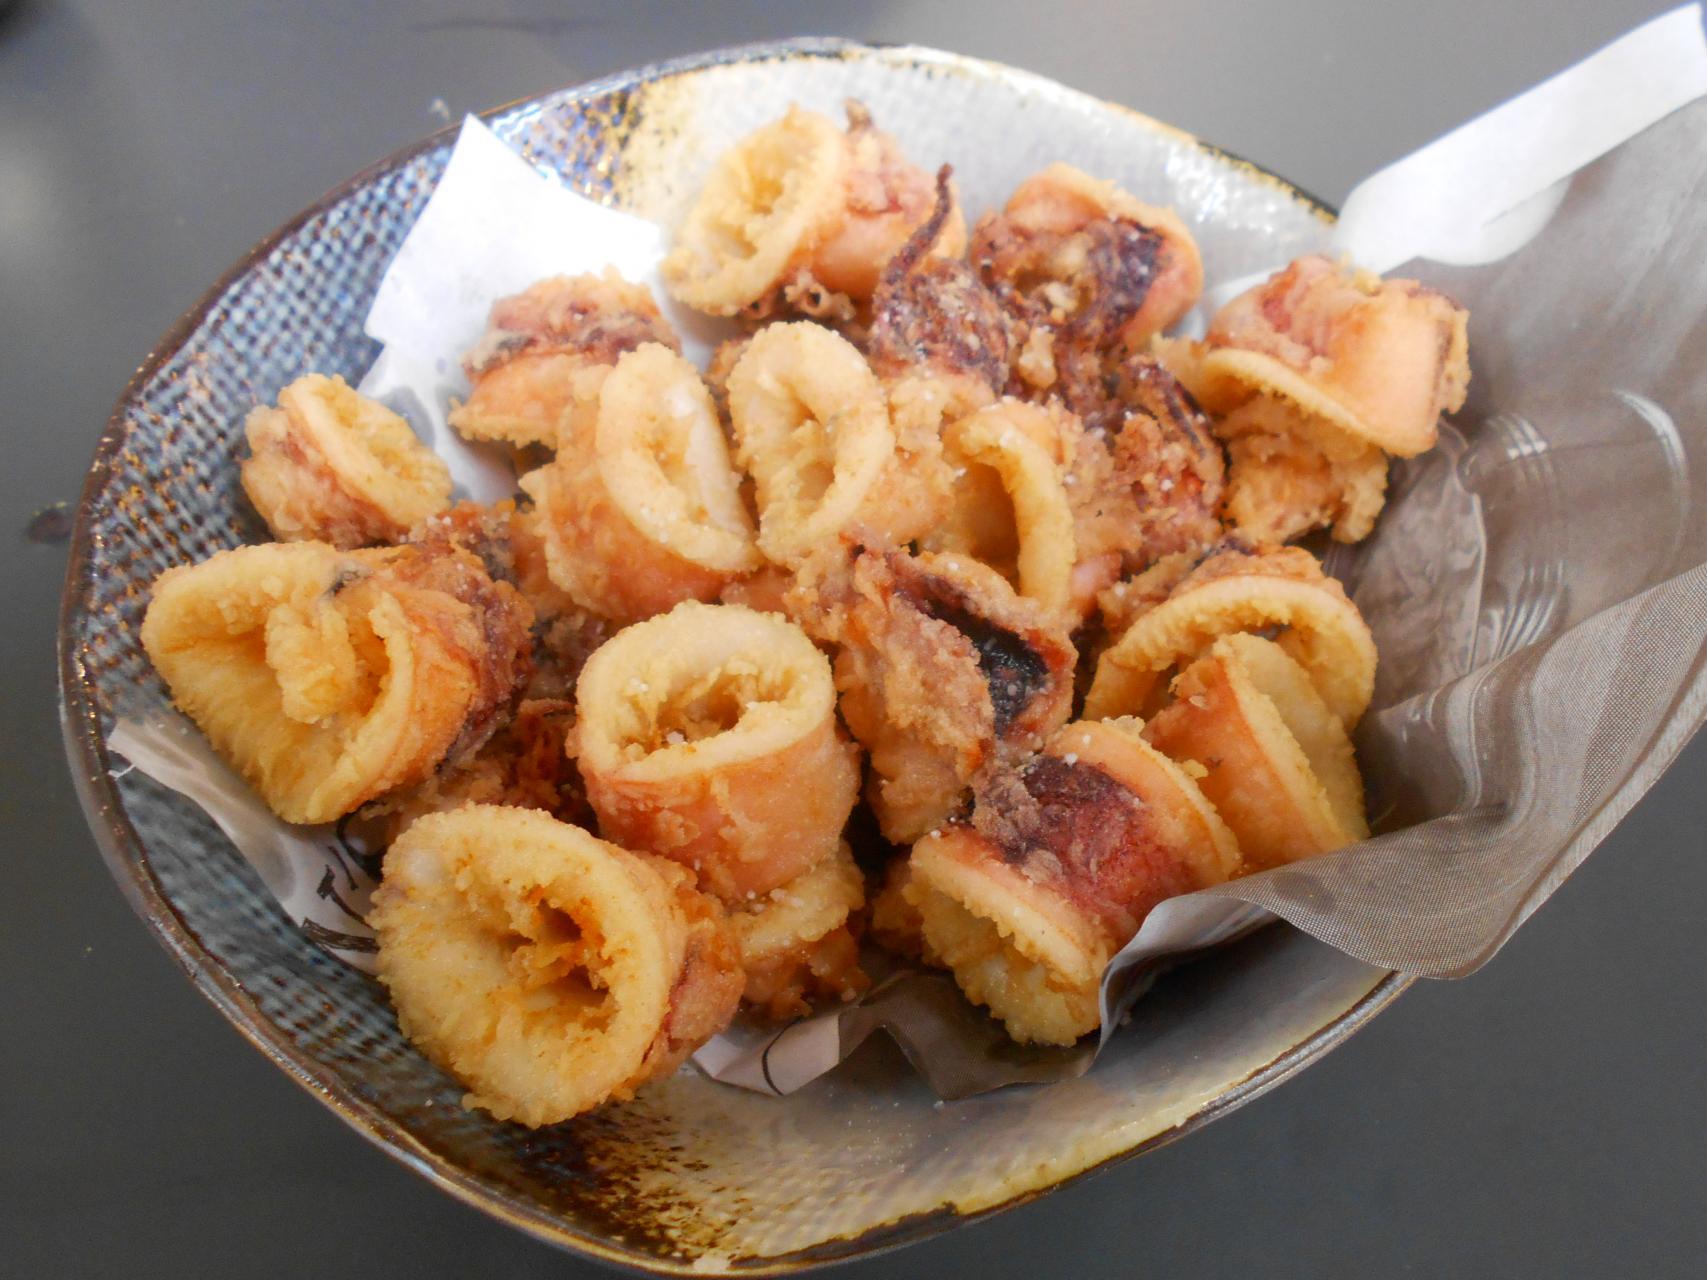 The calamares were superior Italian fritura